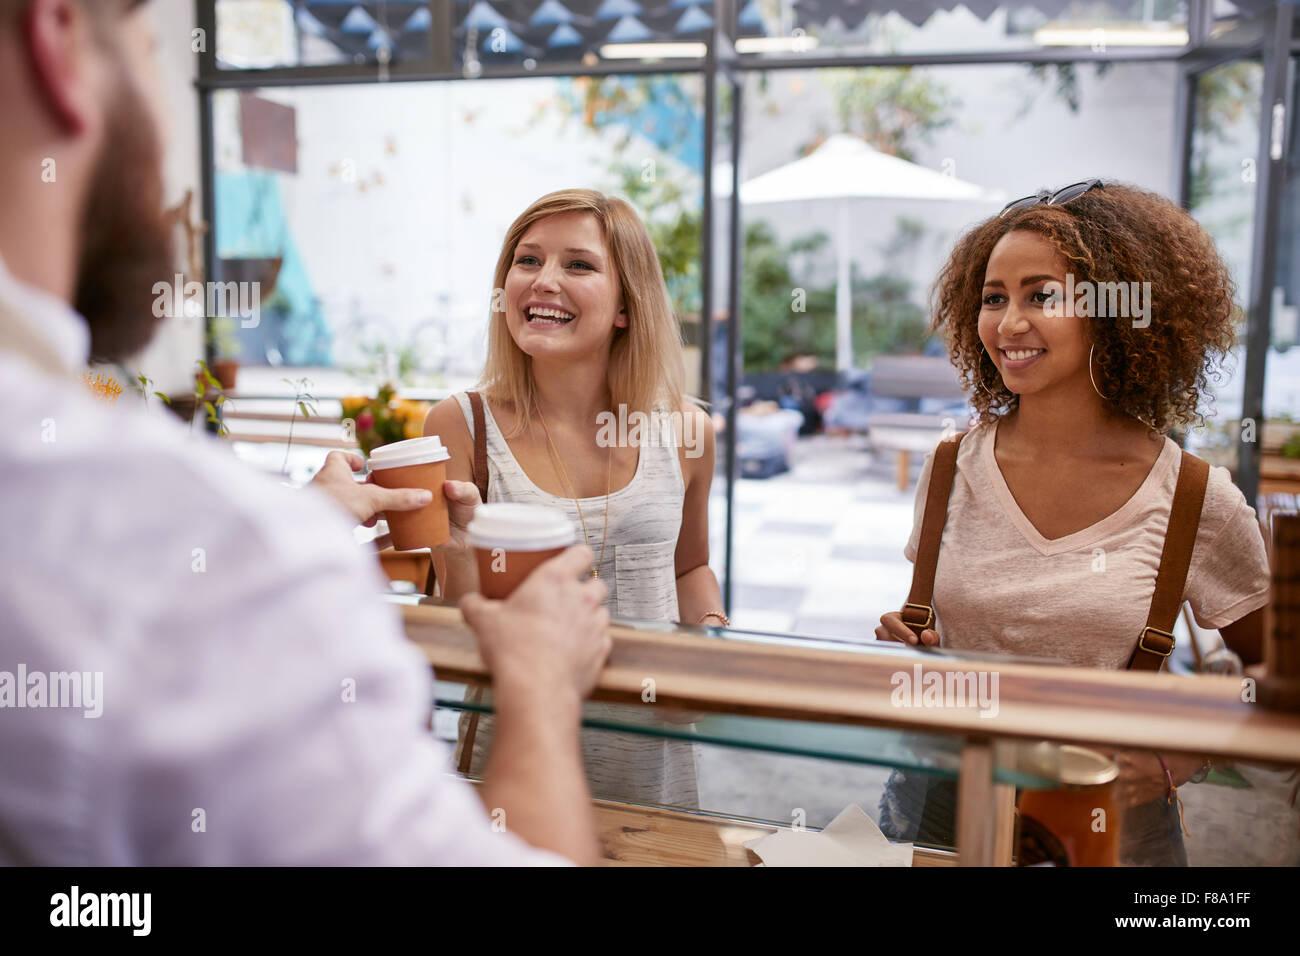 Piscina colpo di due giovani donne amici sorrisi come ricevono il loro bevande calde dal cafè contatore. Felice Immagini Stock